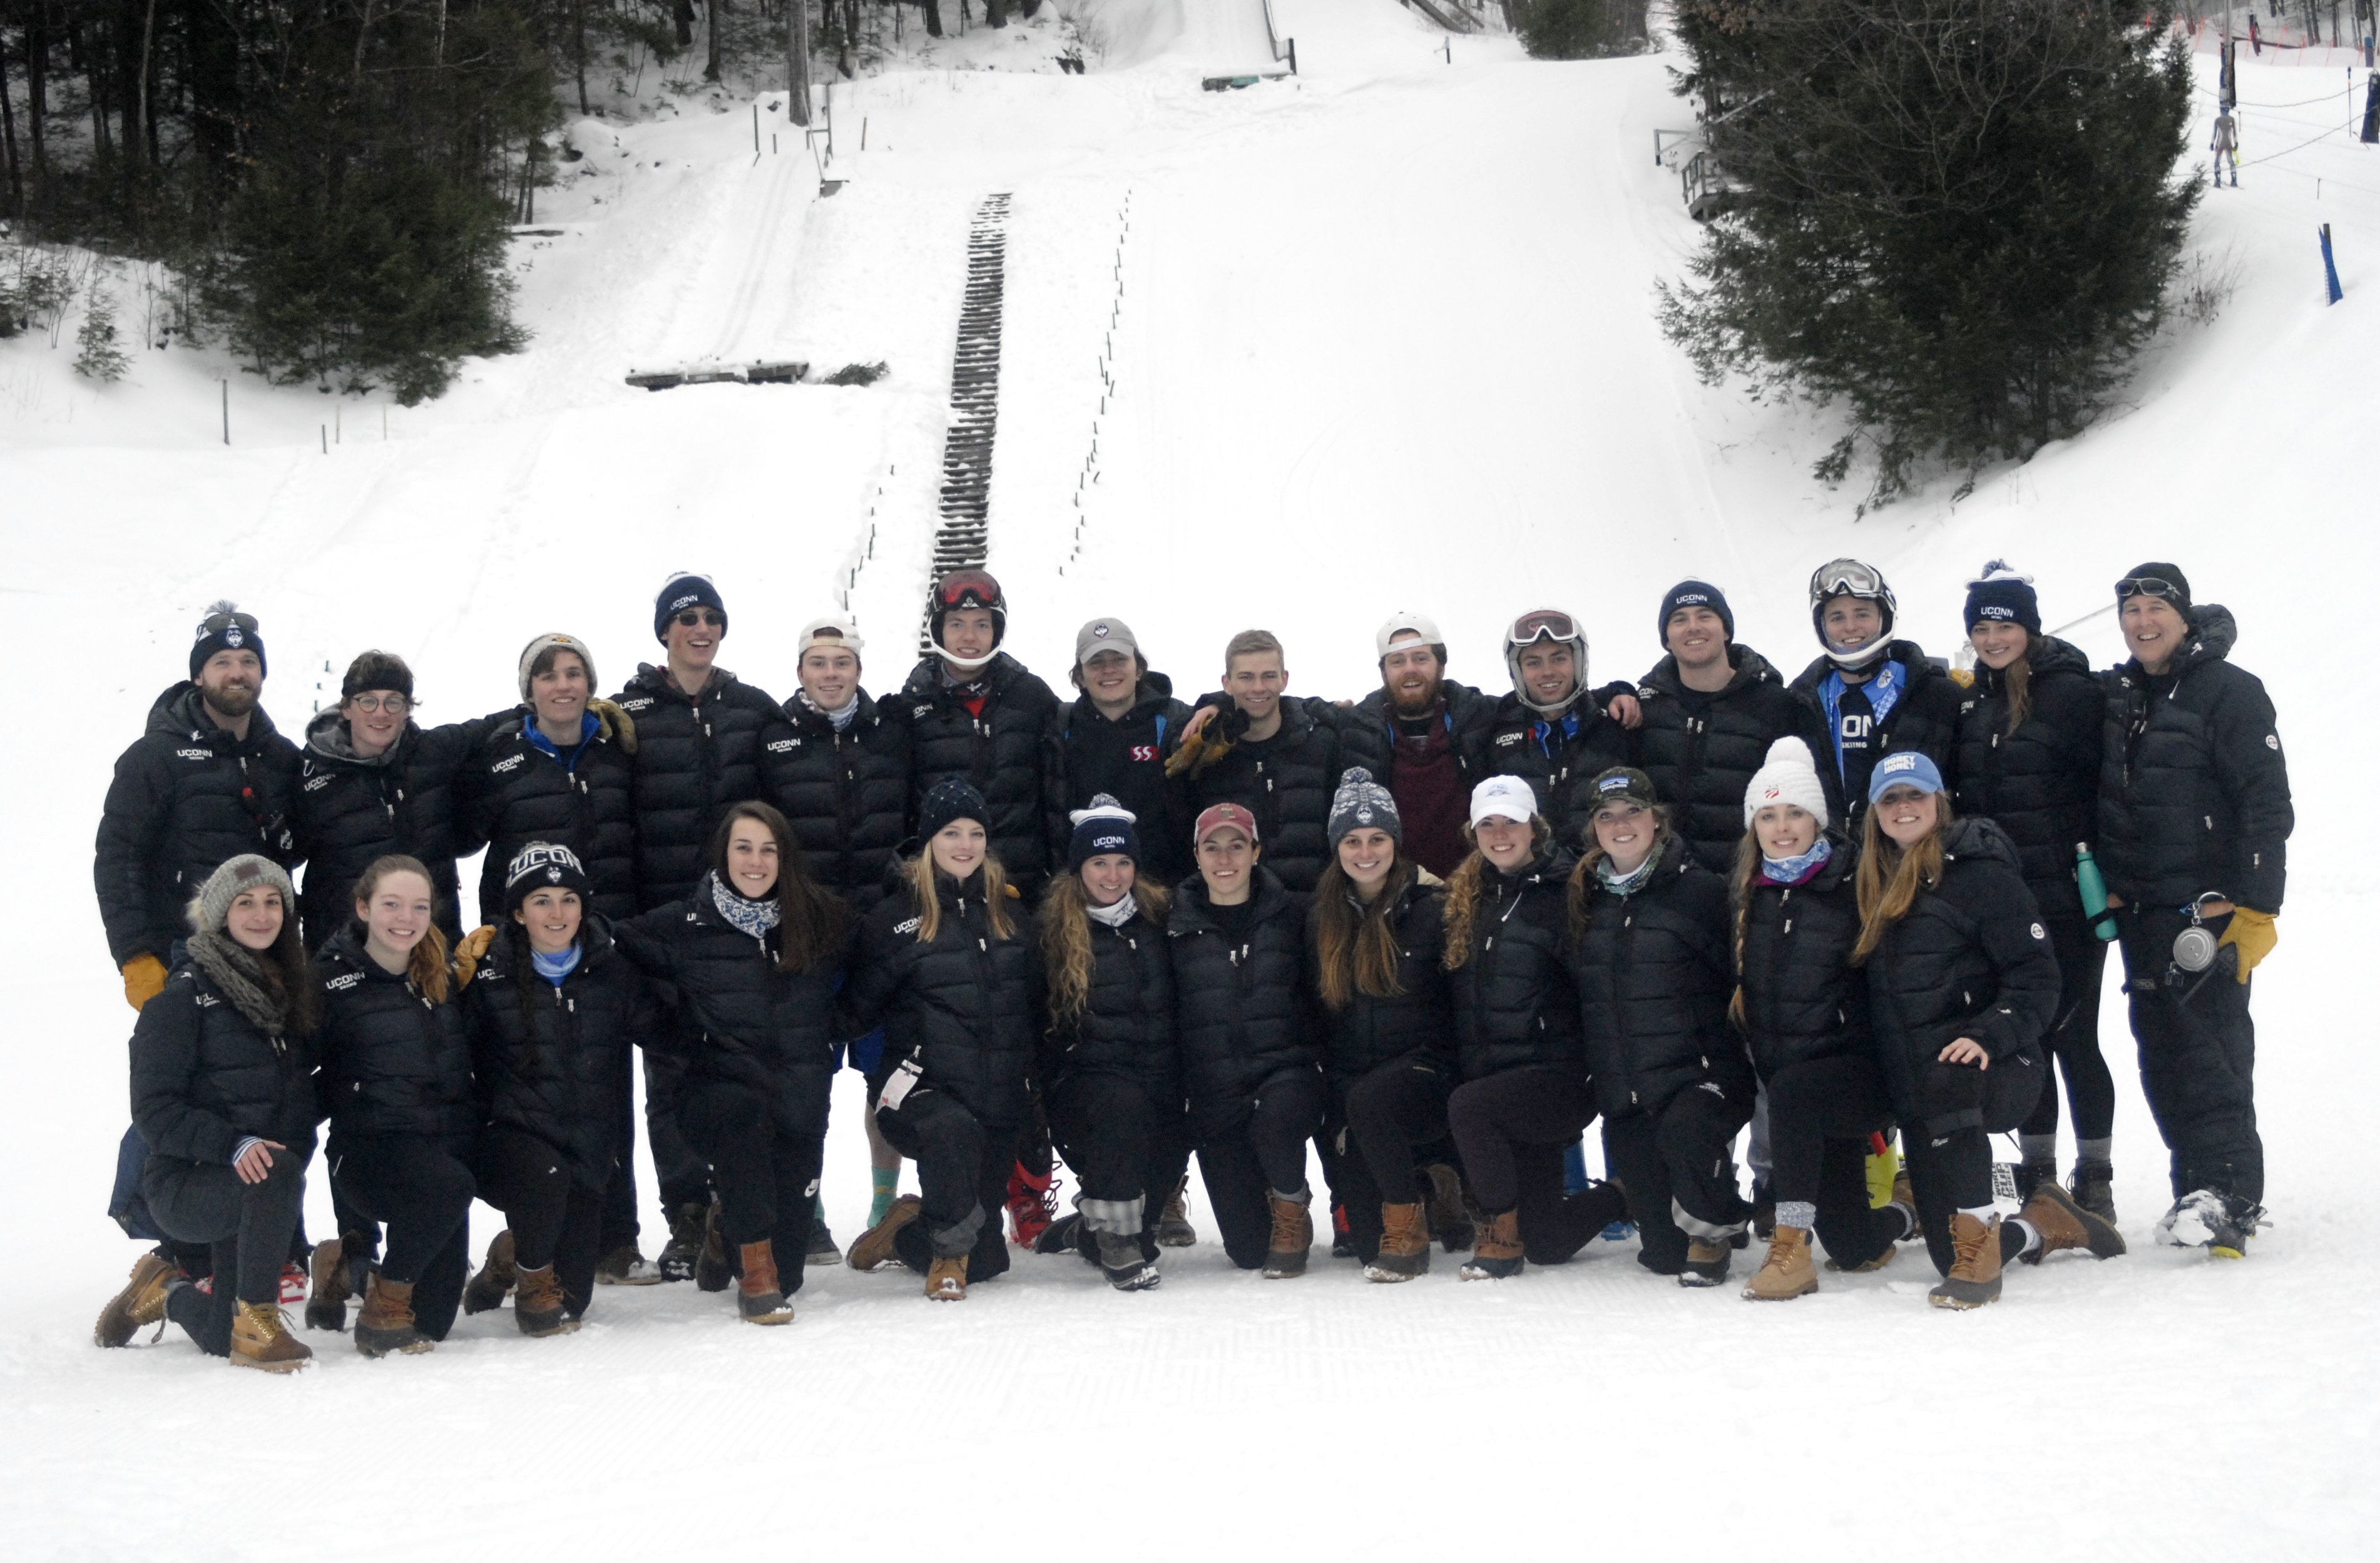 The 2016-2017 UConn Ski Team